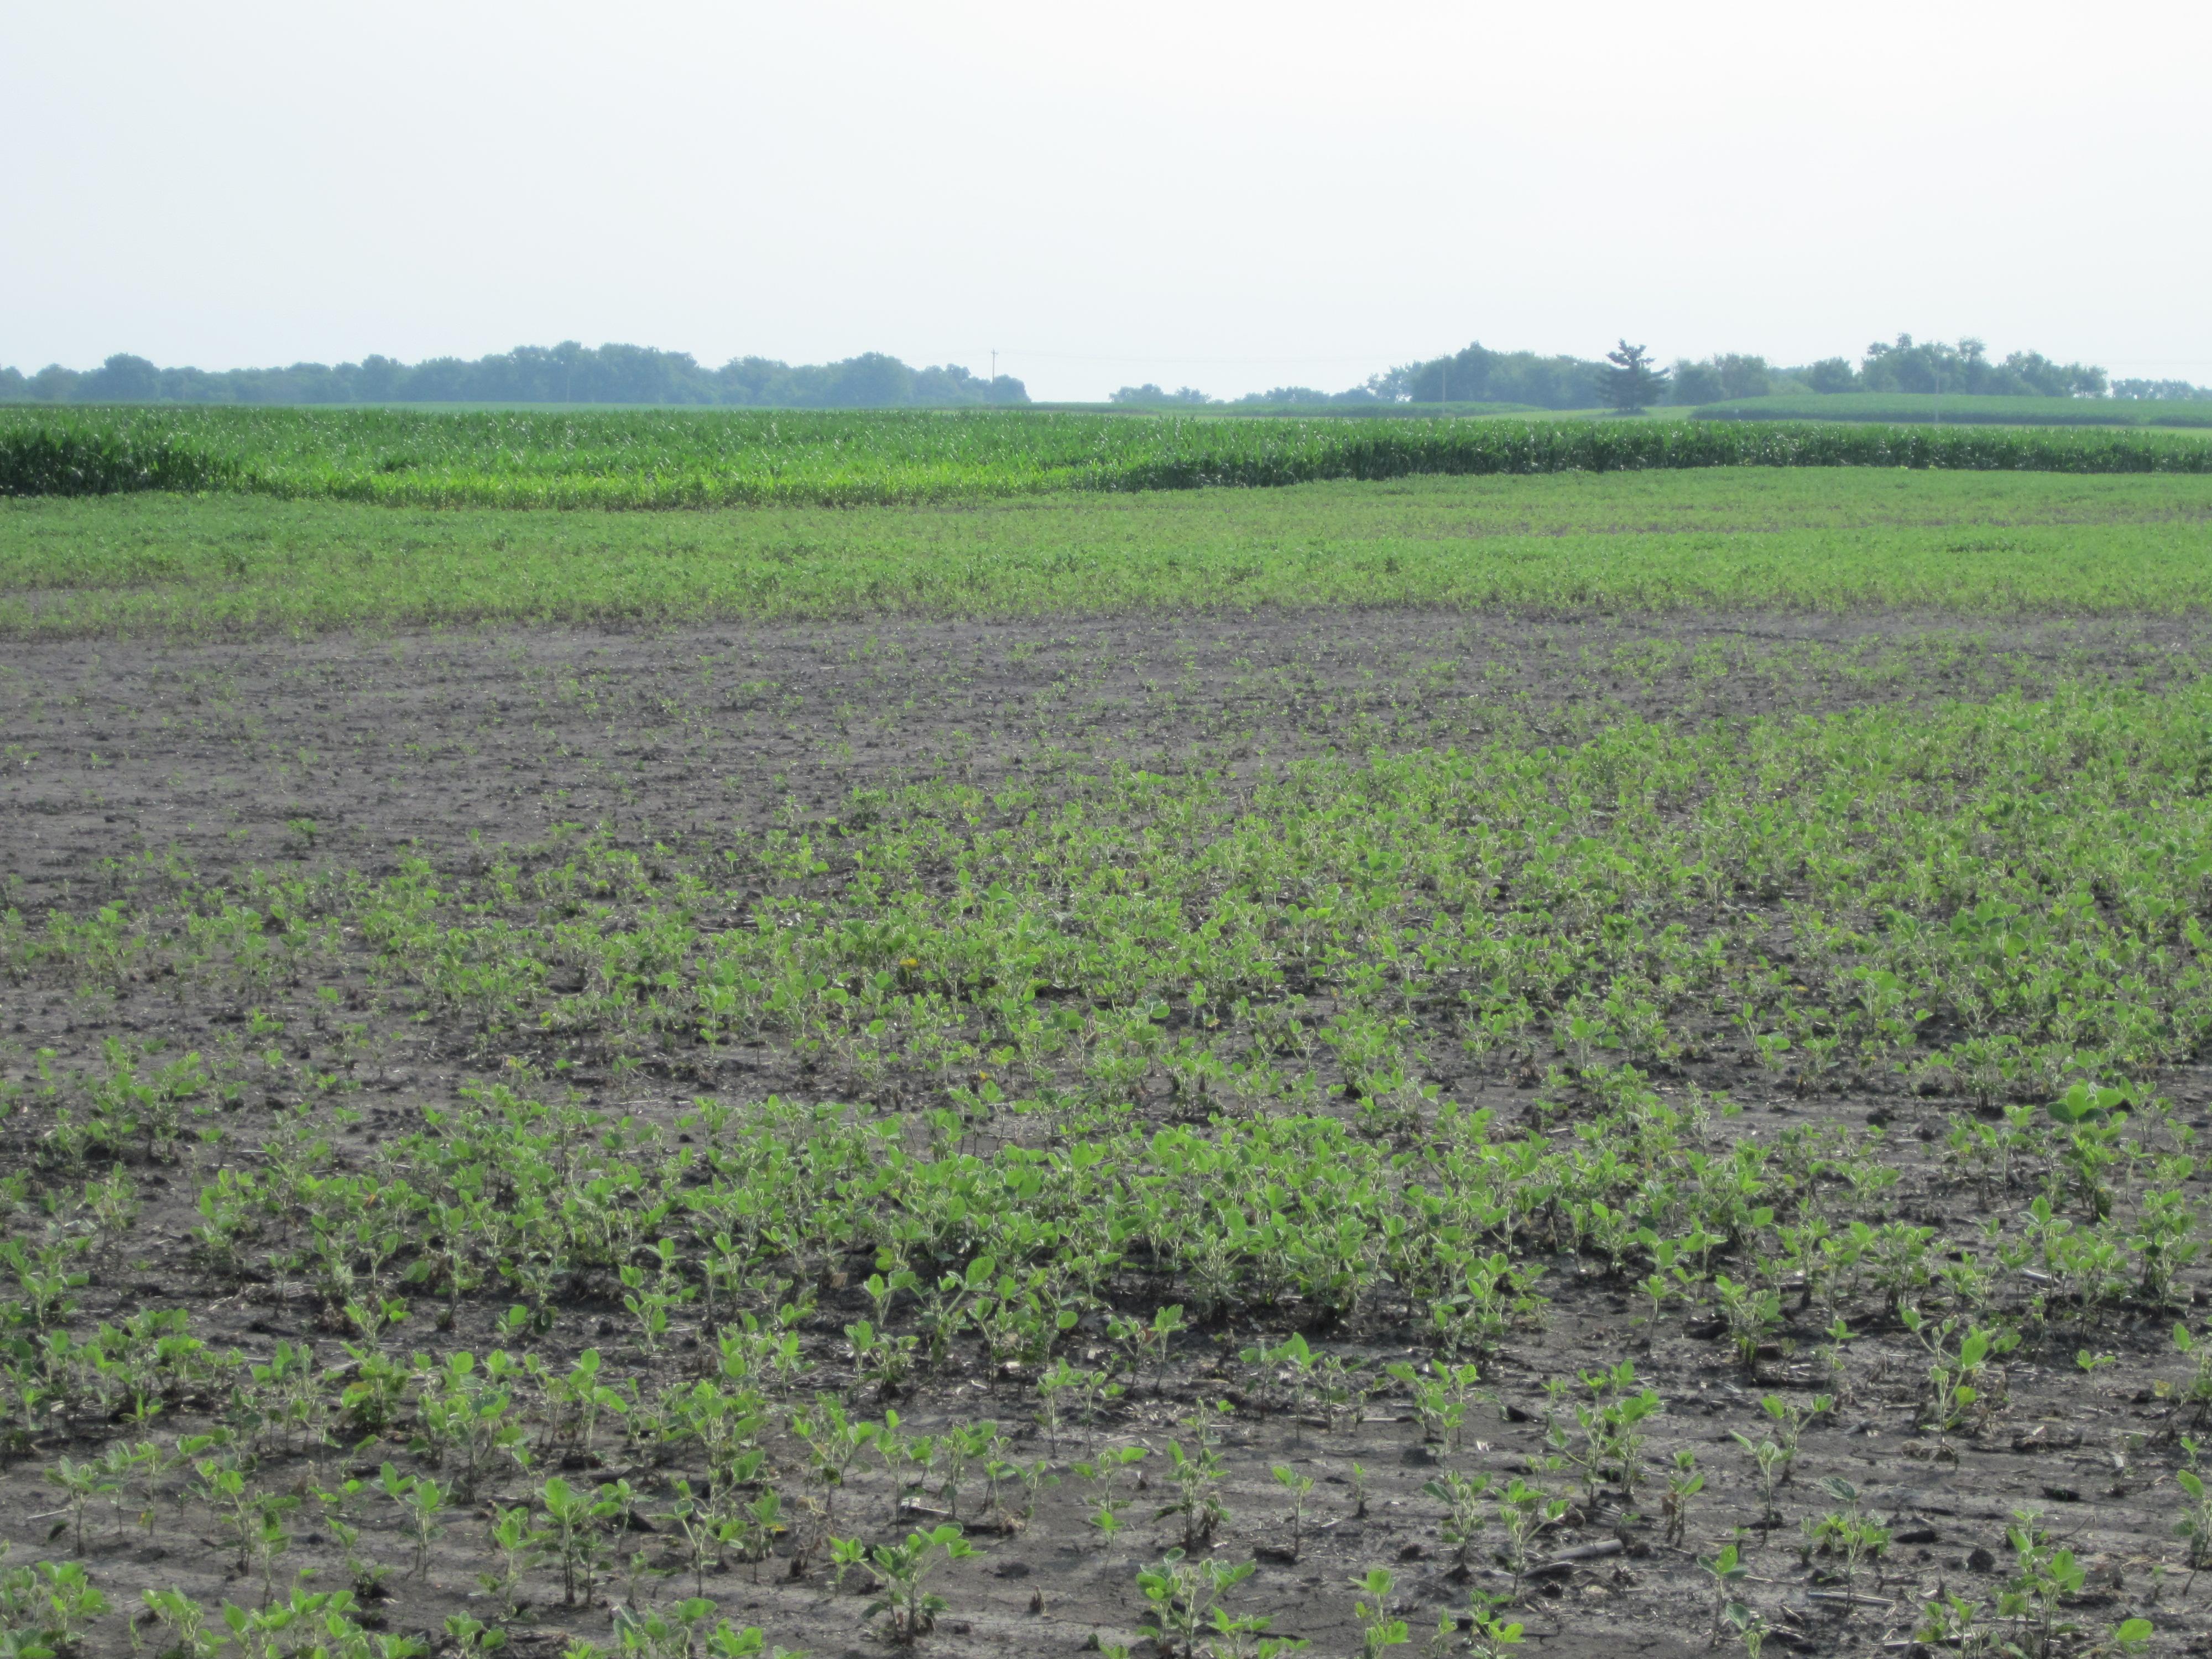 Area of soybean field killed by seedling blight.